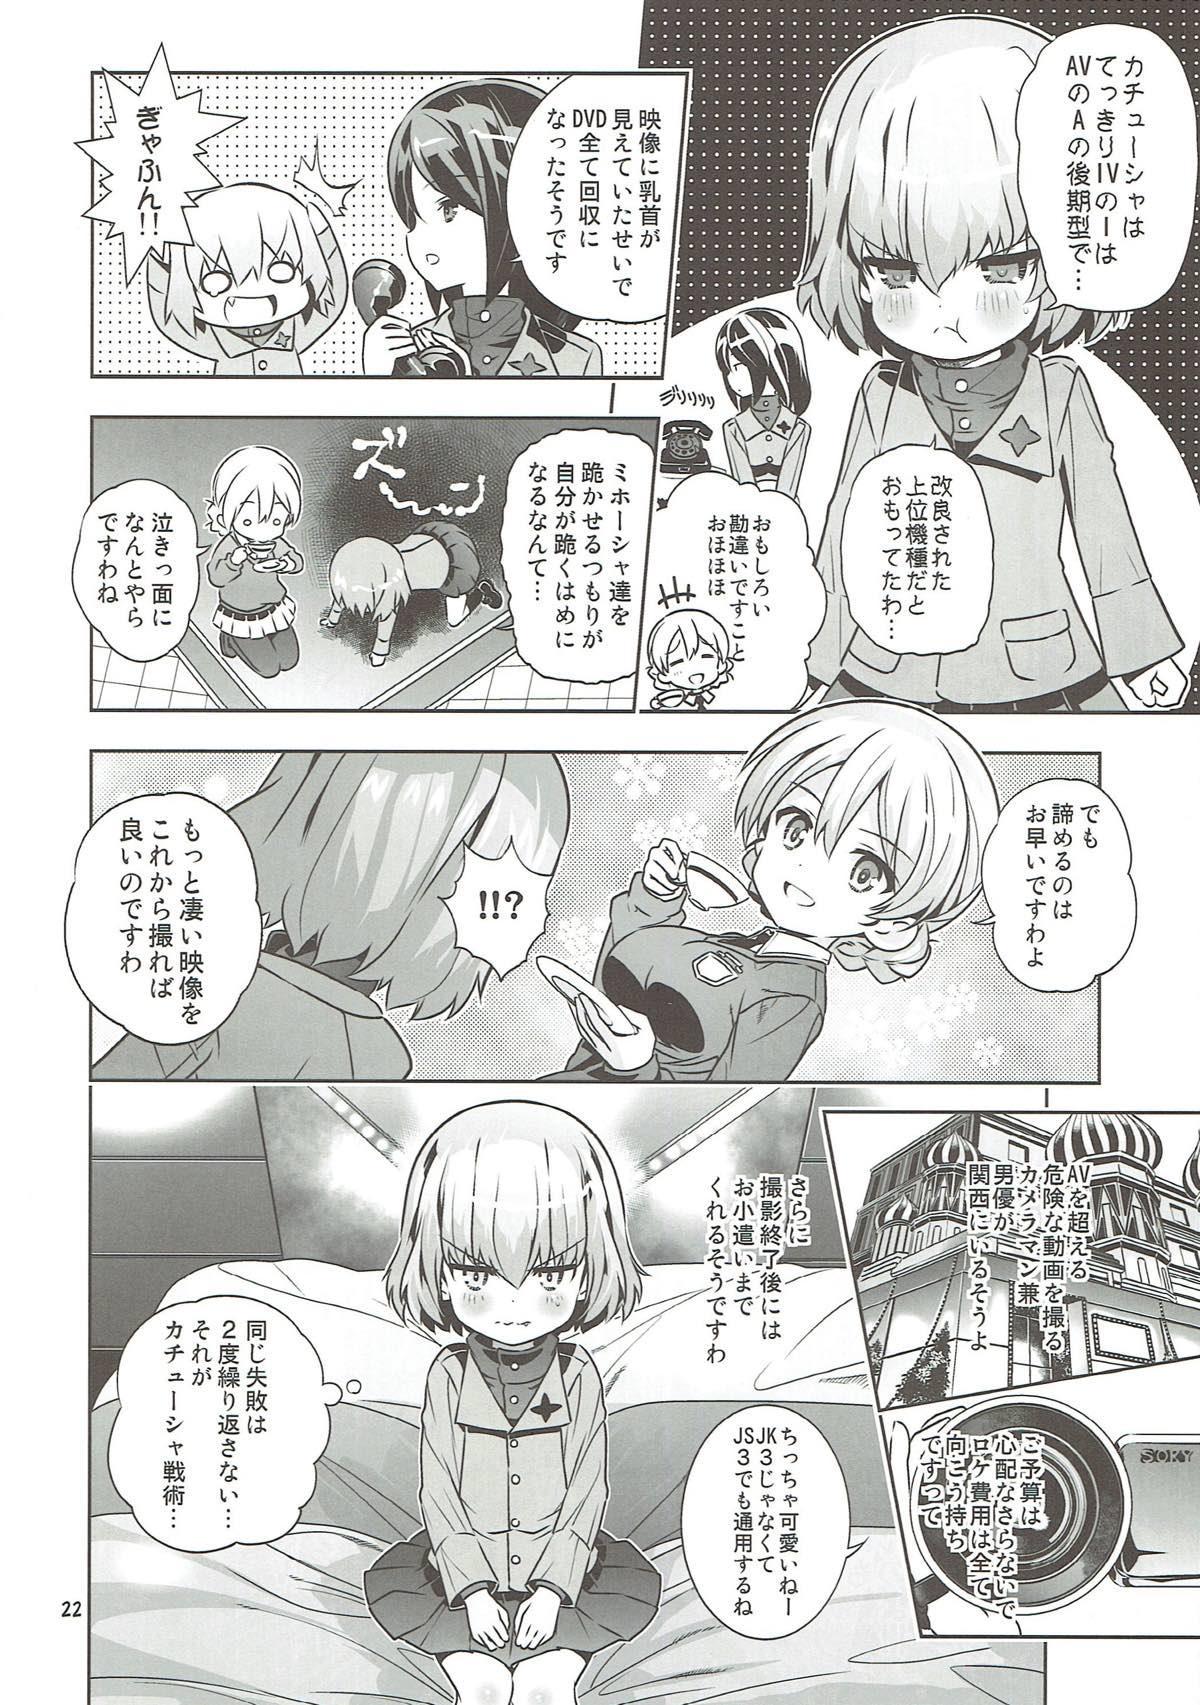 """""""AV Shutsuen, Ganbarimasu!!!"""" Kore de Saigo no Soushuuhen desu!!! 20"""